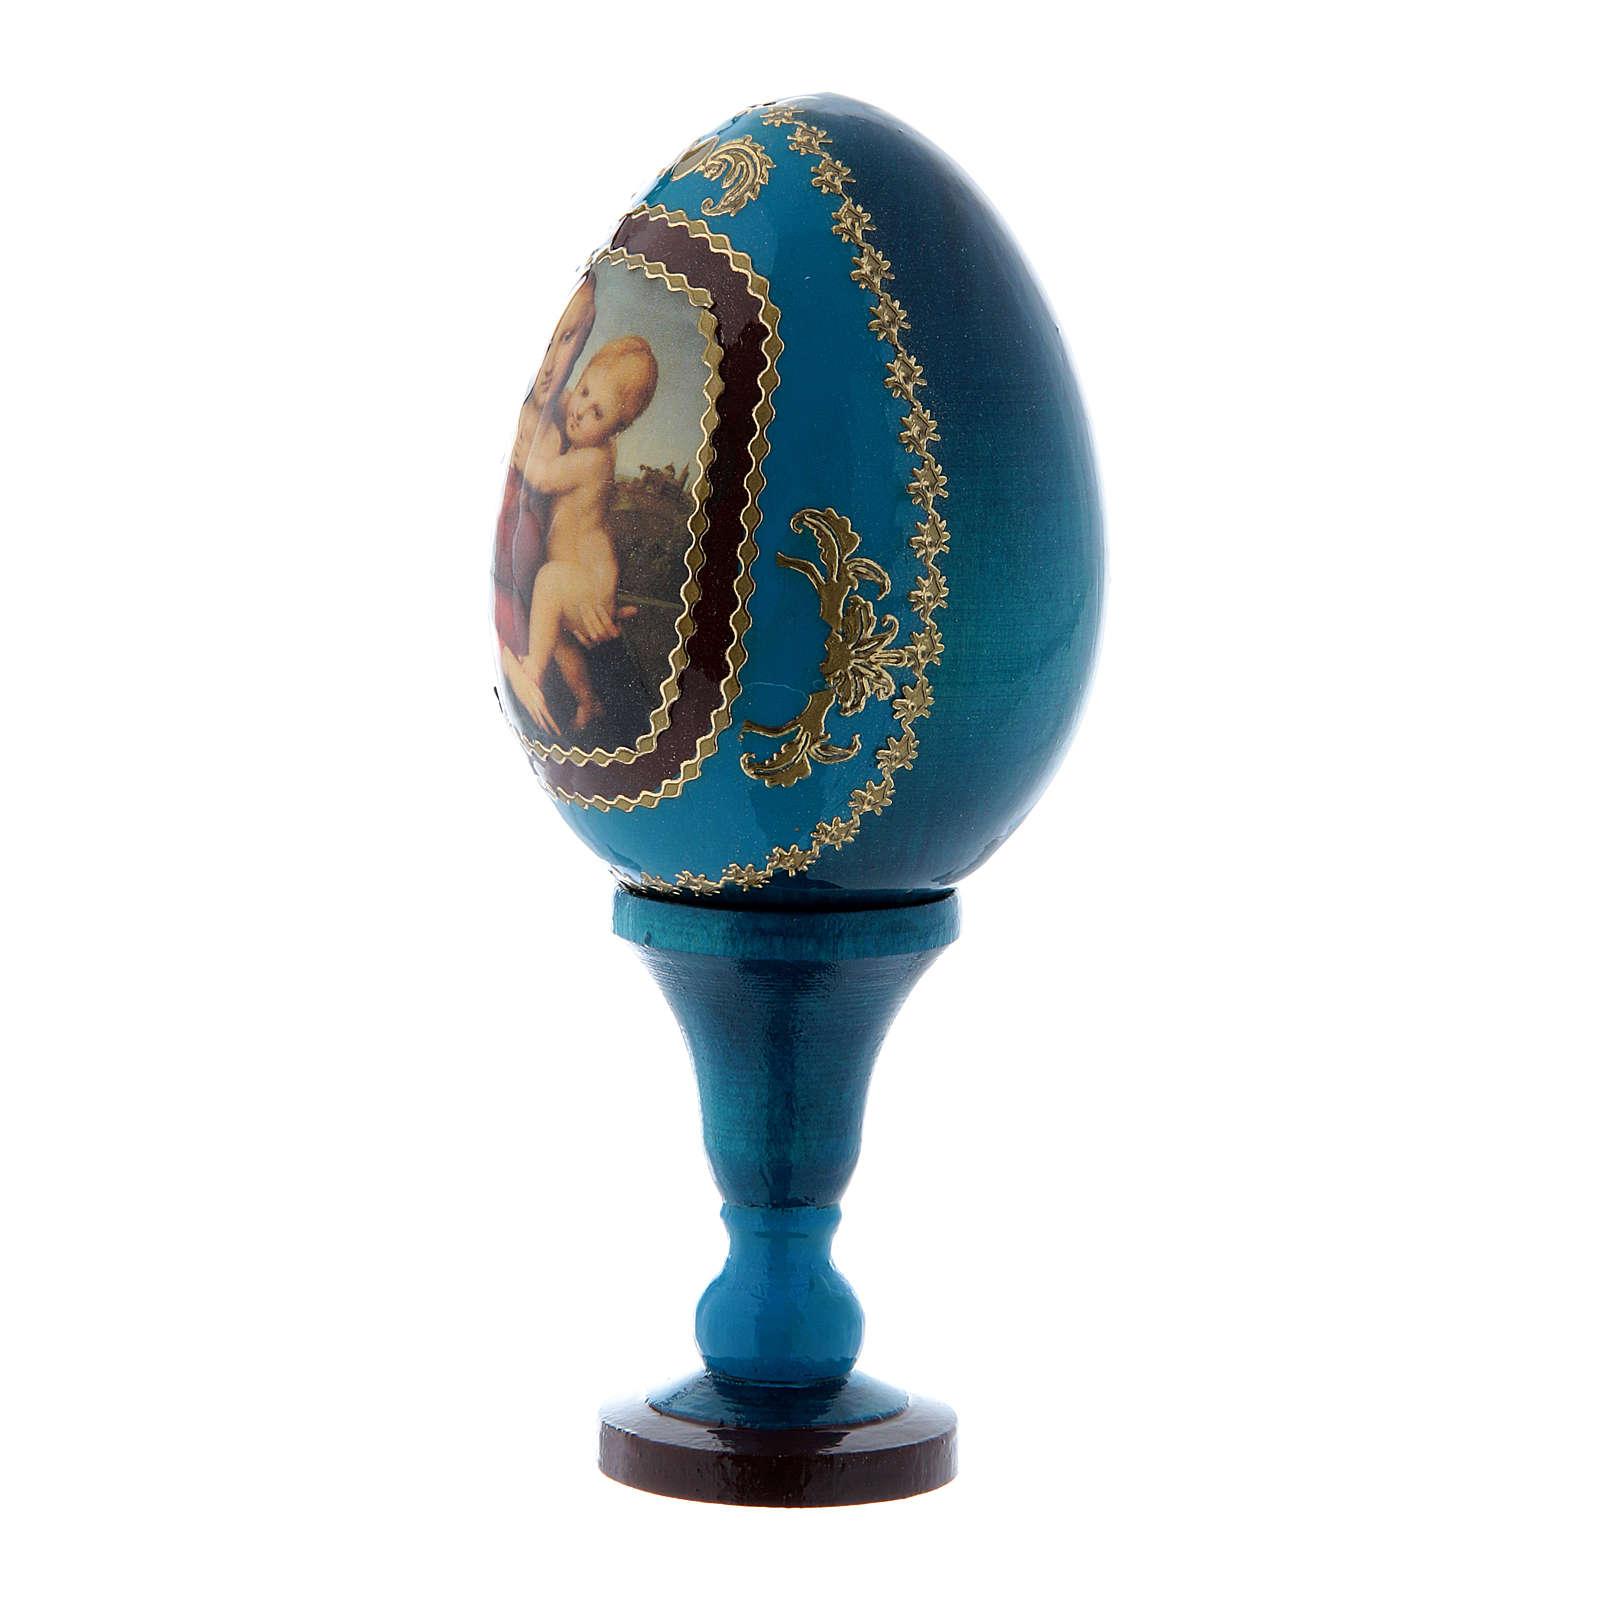 Oeuf La Petite Madone Cowper découpage bleu russe h tot 13 cm 4